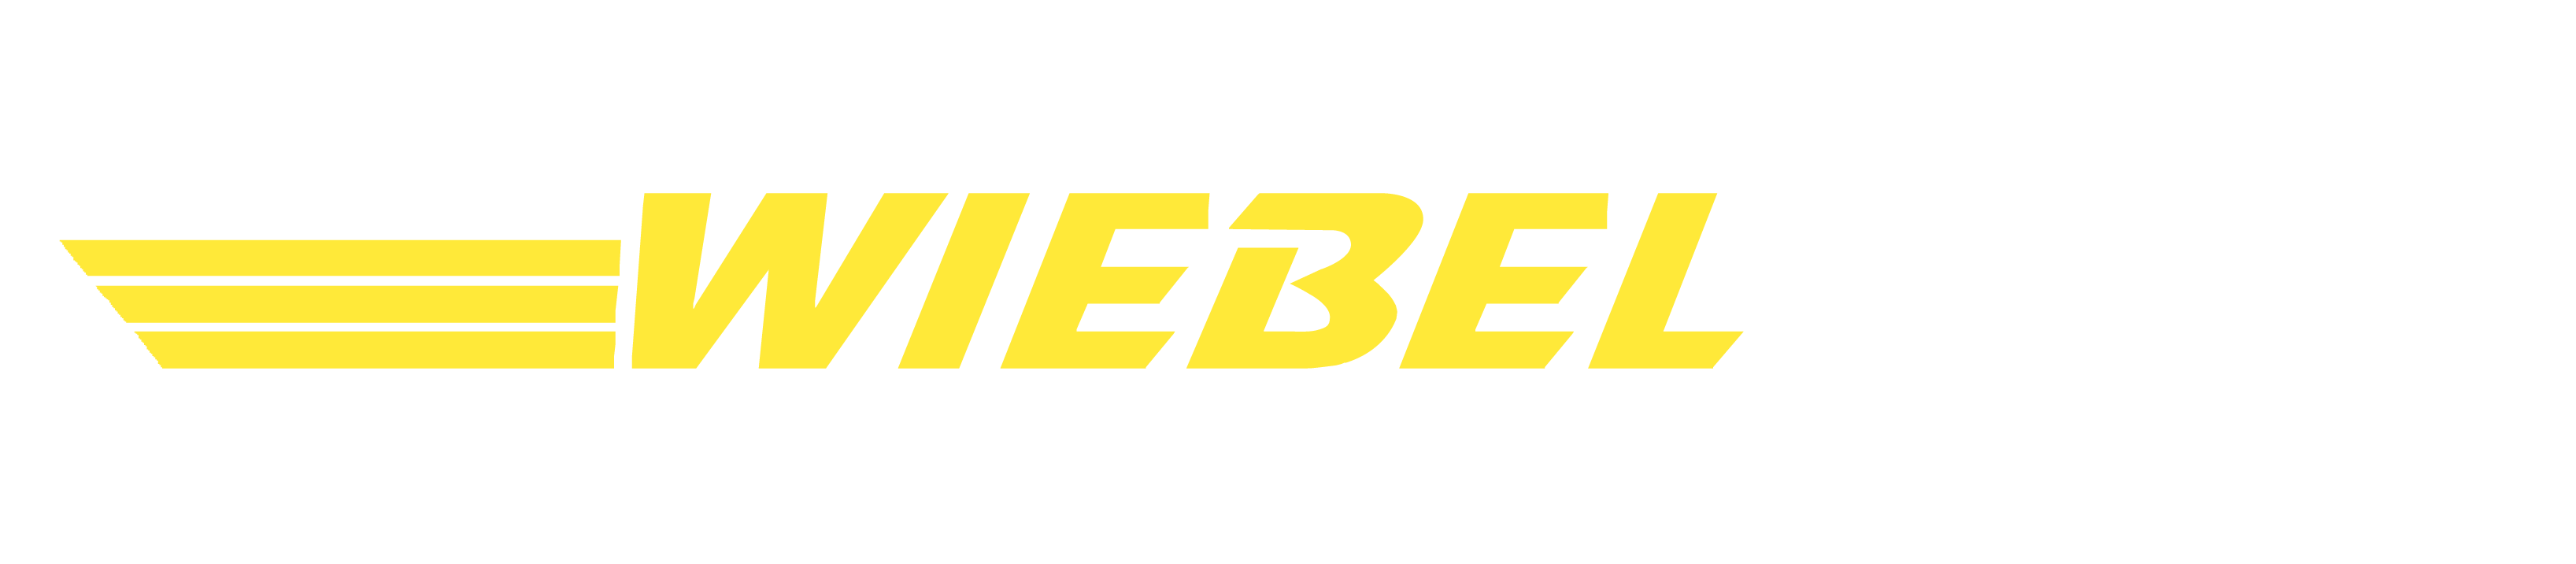 WiebelTrans – Maschinentransporte